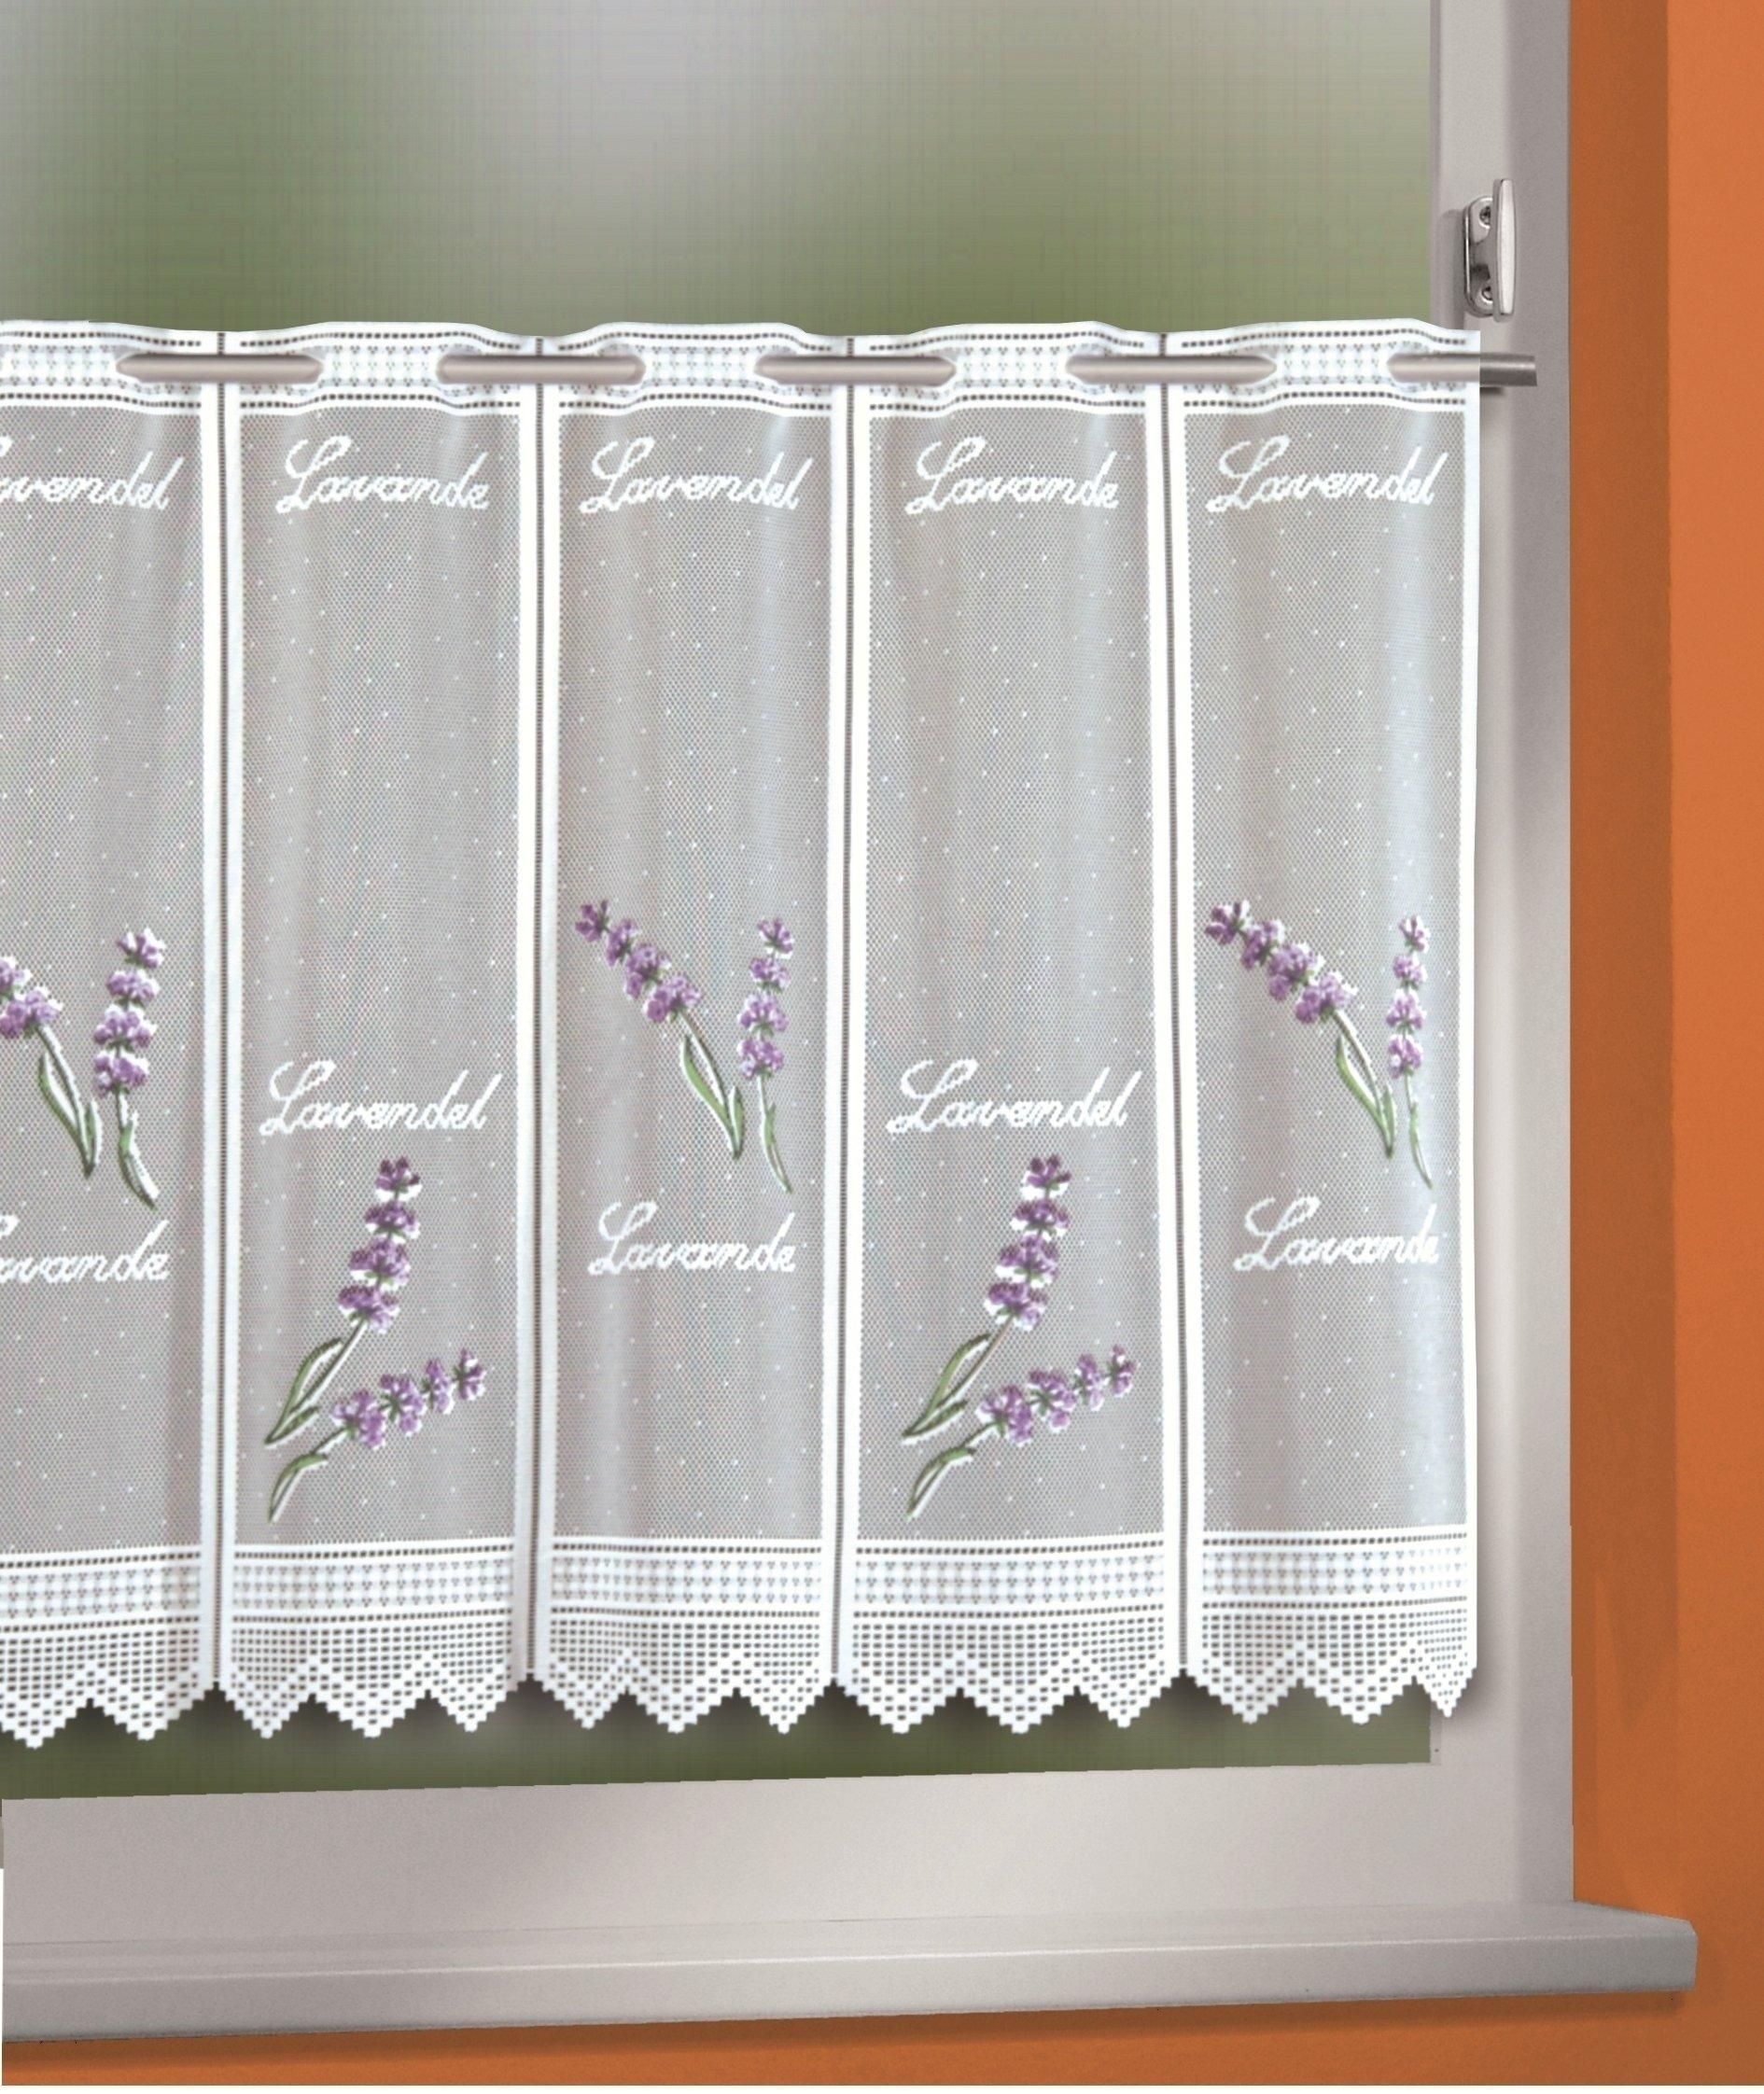 Full Size of Kchengardine Lavendel Wei Violett 150 45 Cm Sb Lagerkauf Niederdruck Armatur Küche Einbauküche Kaufen Holzküche Tapeten Für Die Nobilia Alno Gardine Wohnzimmer Küche Gardine